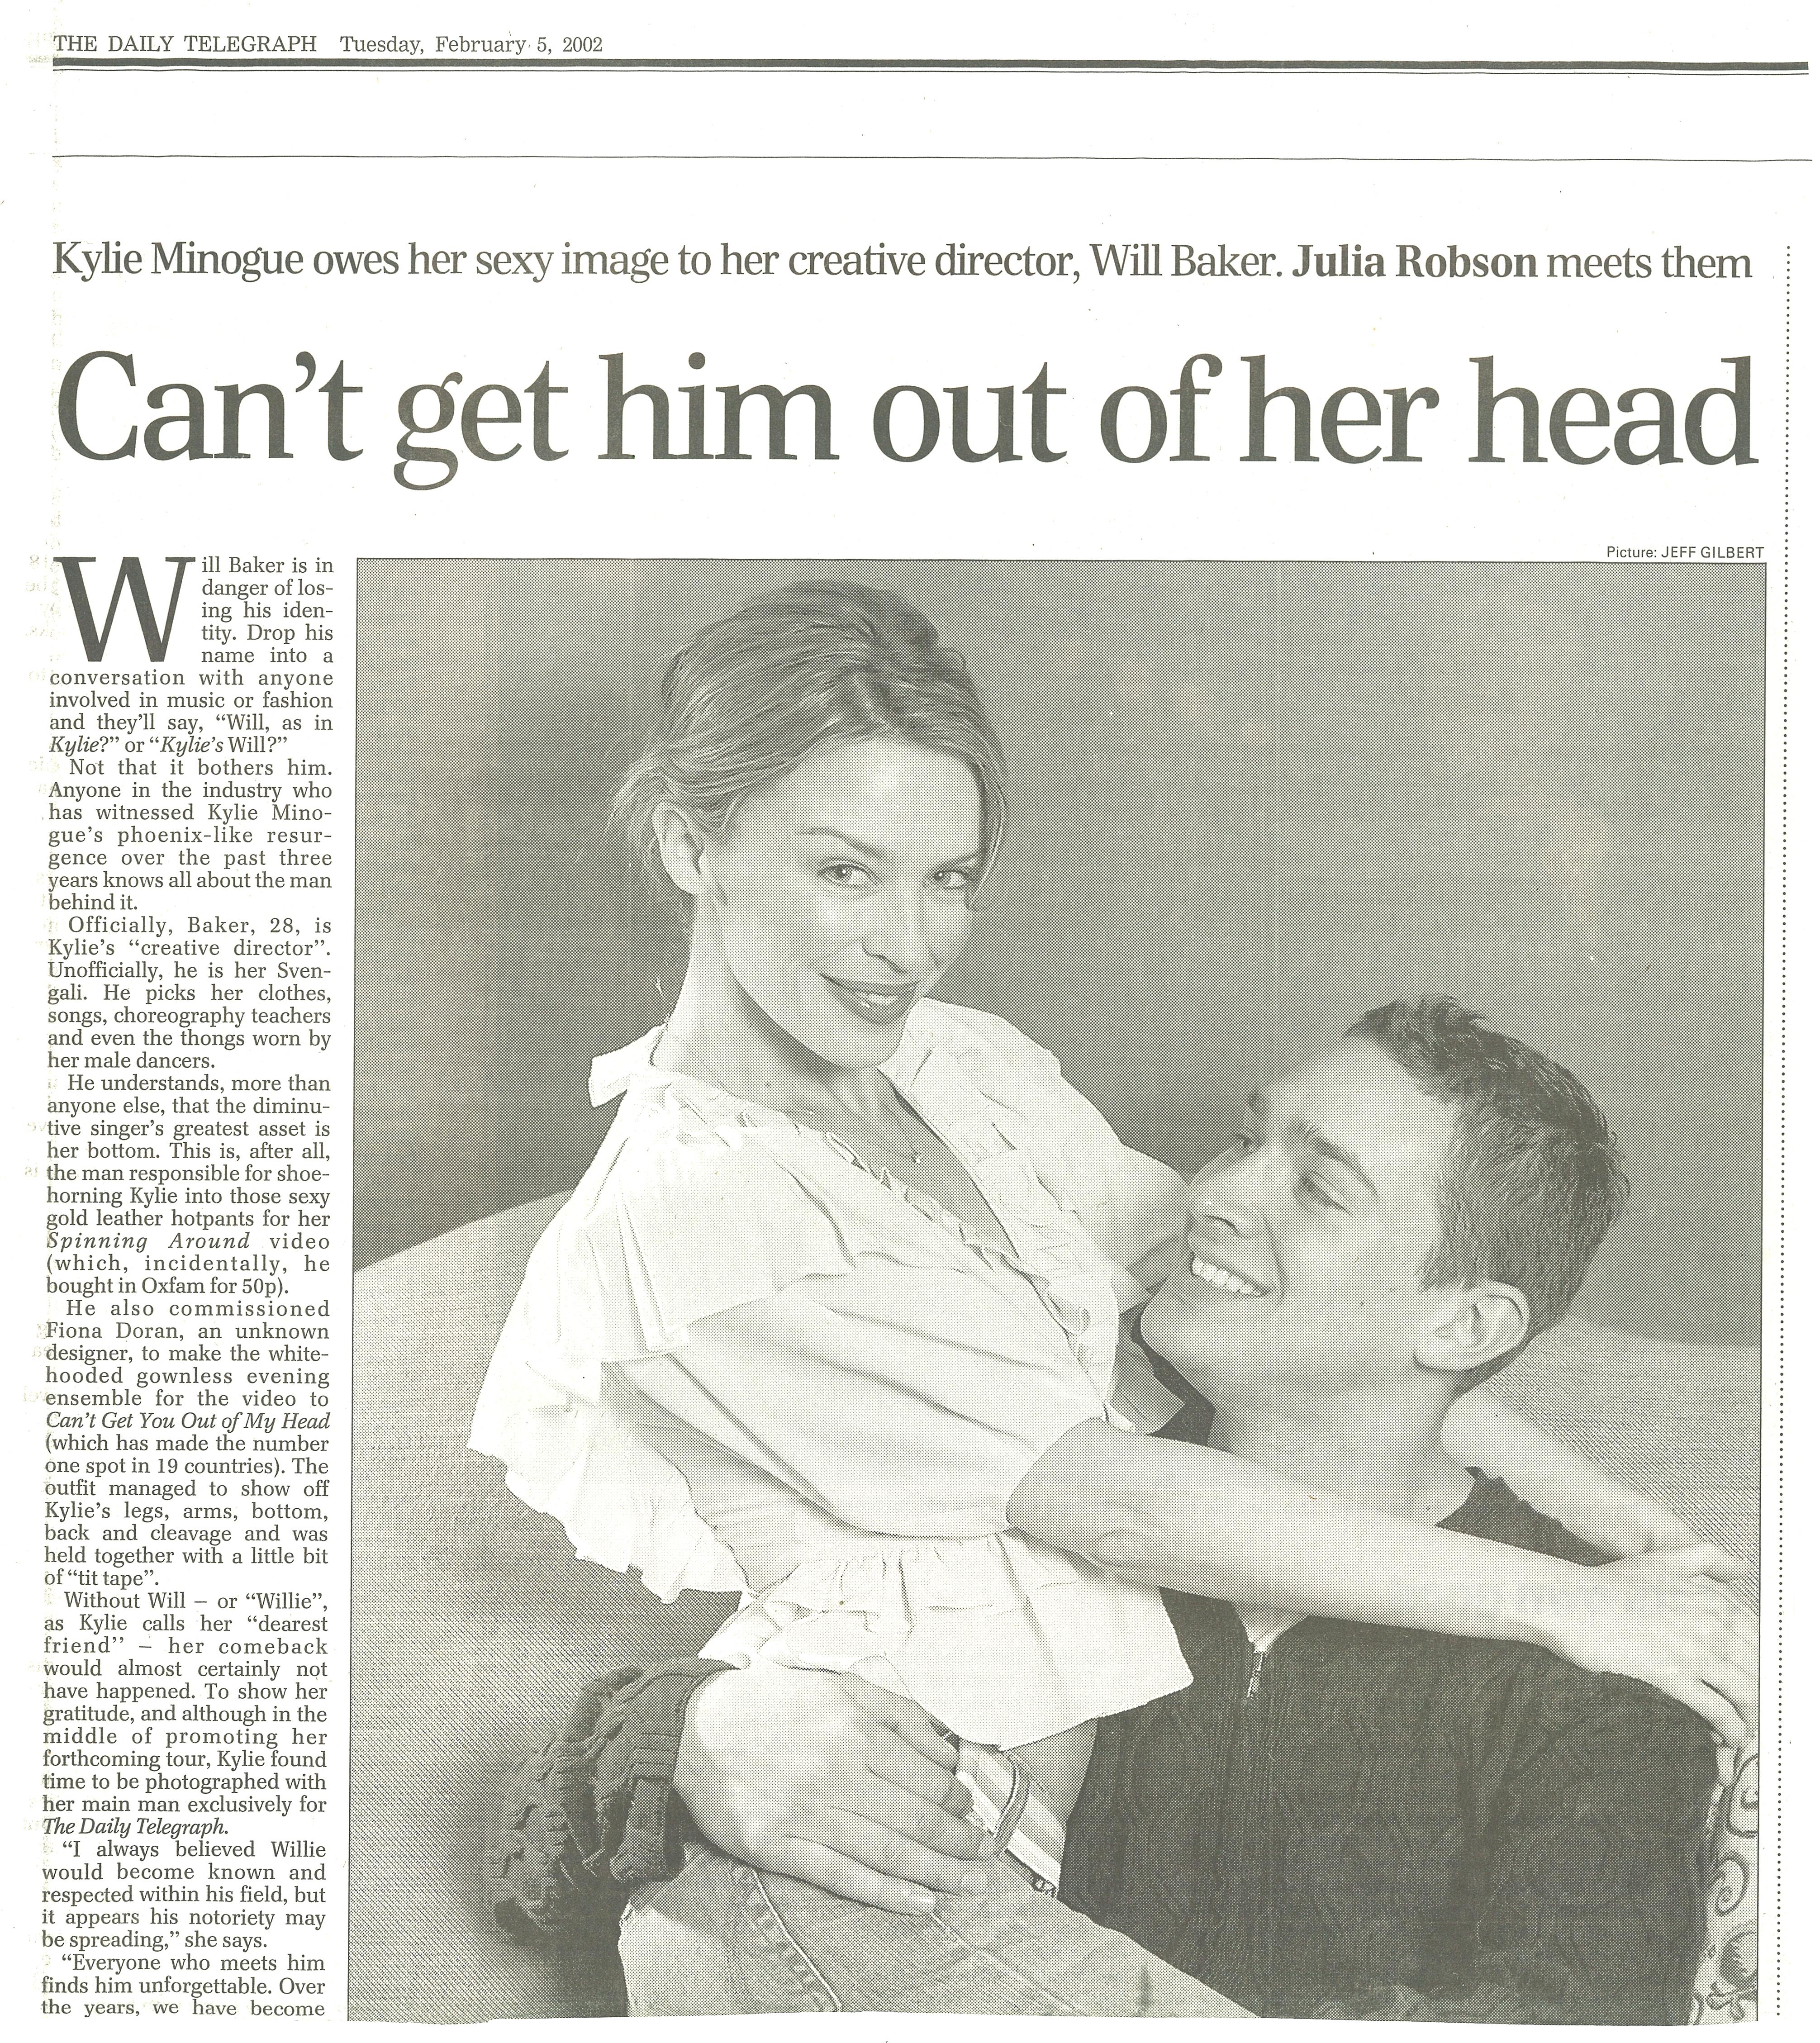 Julia-Robson-Kylie-Minogue's-dress-designer-Will-Baker-Telegraph-2002-1(of2)